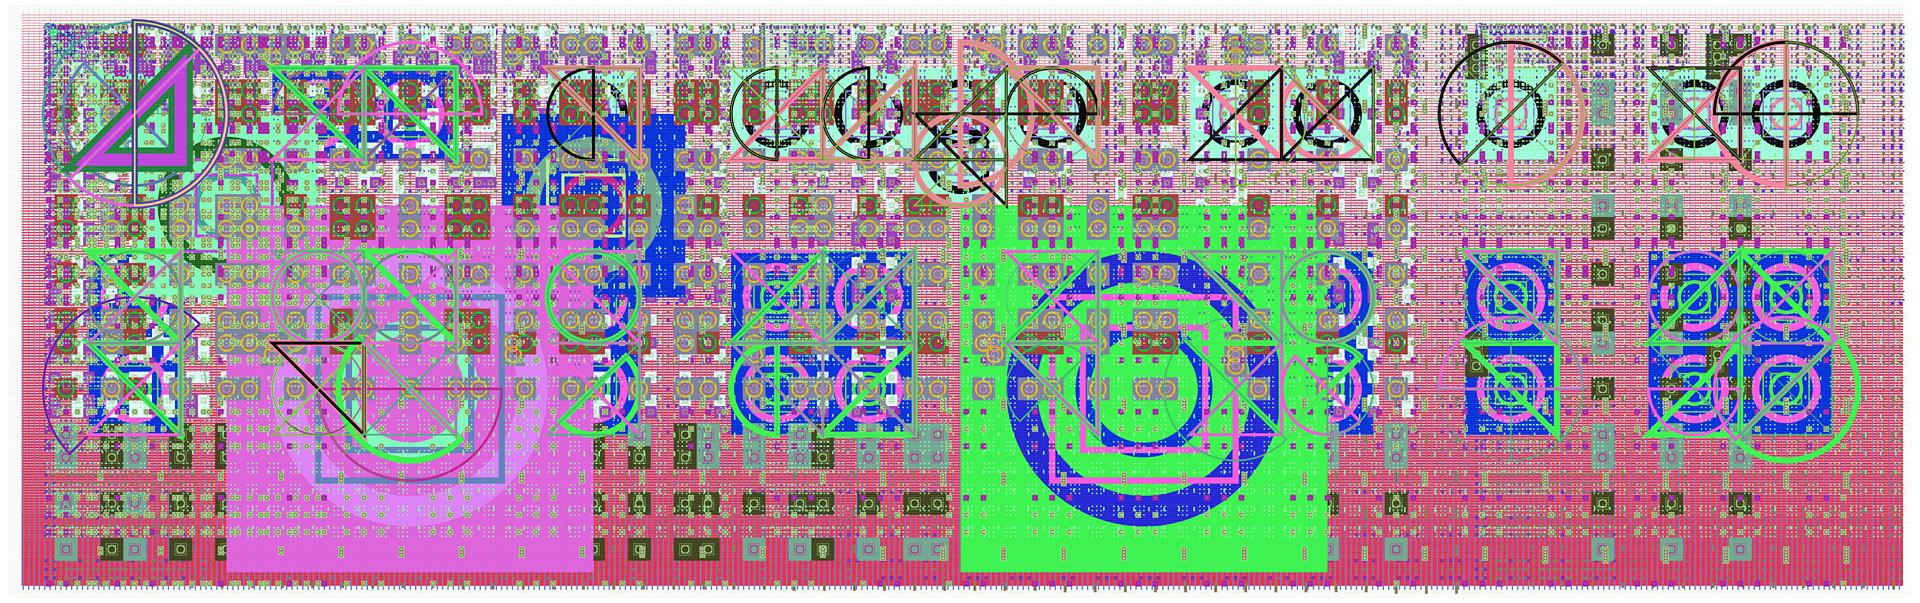 Mark Wilson, e8425, haltbarer Inkjetprint auf Hadernpapier, 23 x 61 cm, Edition von 5, signiert und datiert, 2009